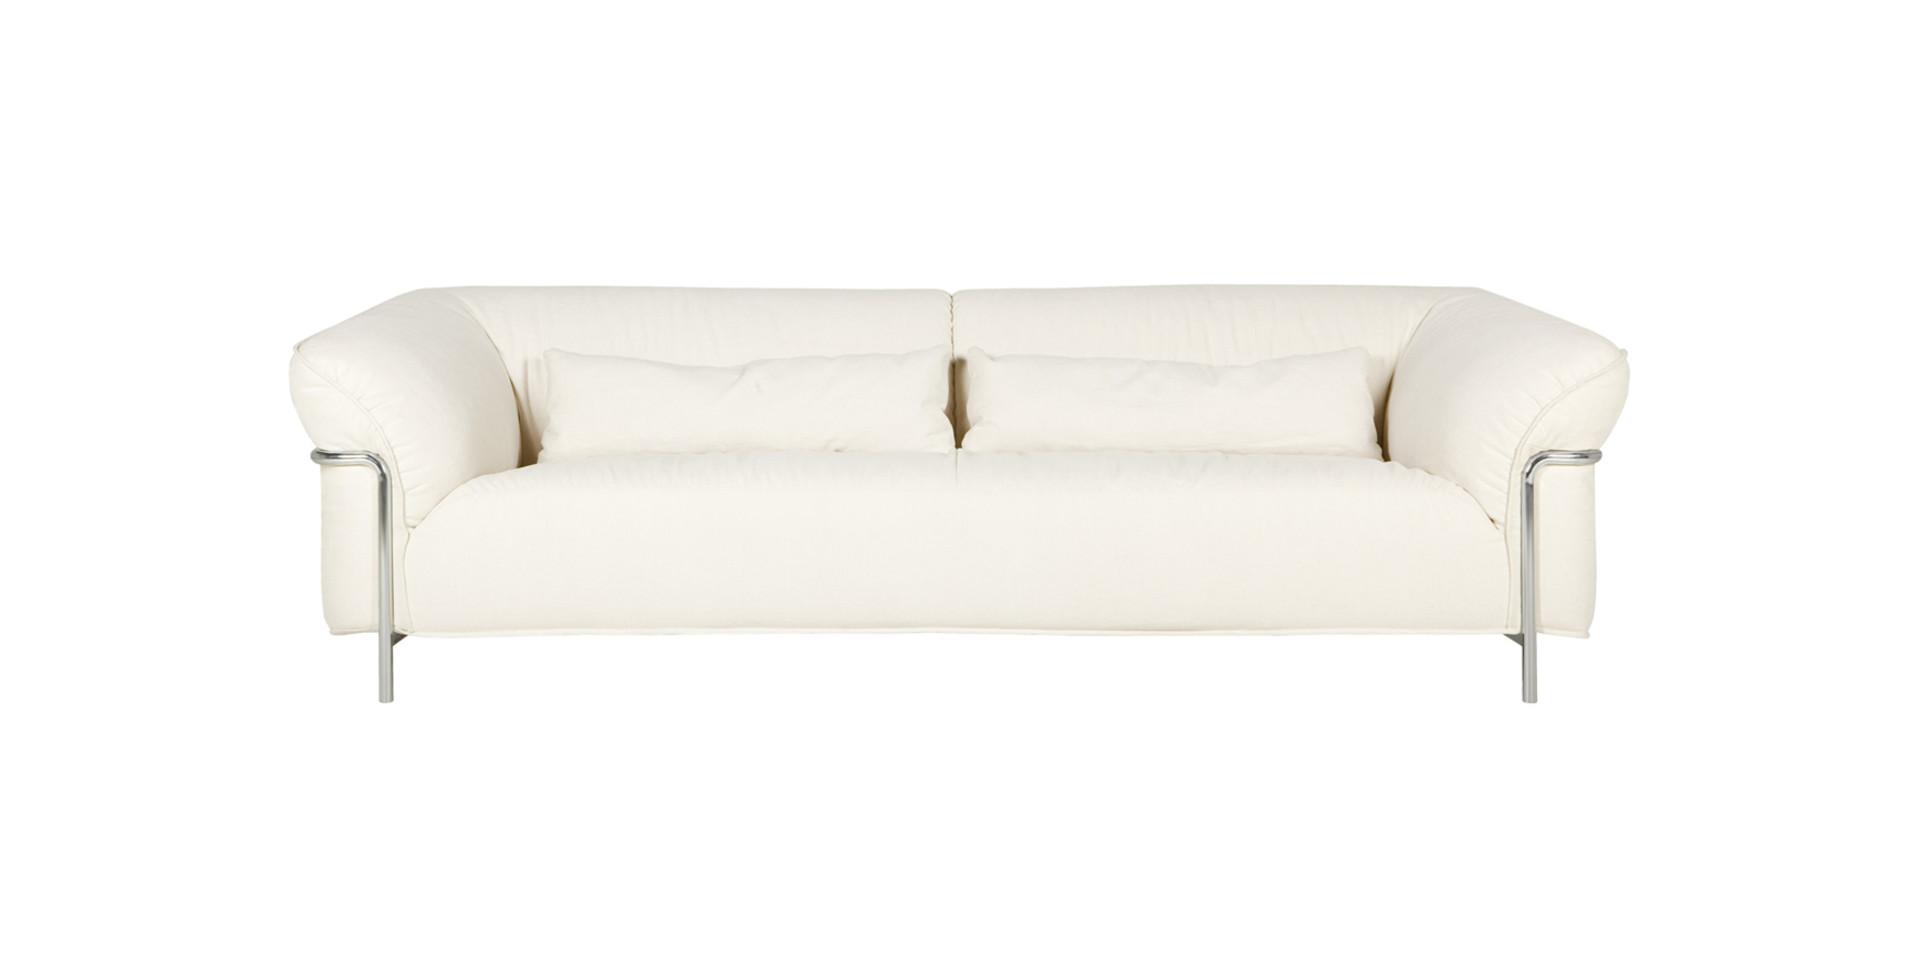 sits-doris-canape-3seater_caleido1419_natur_1